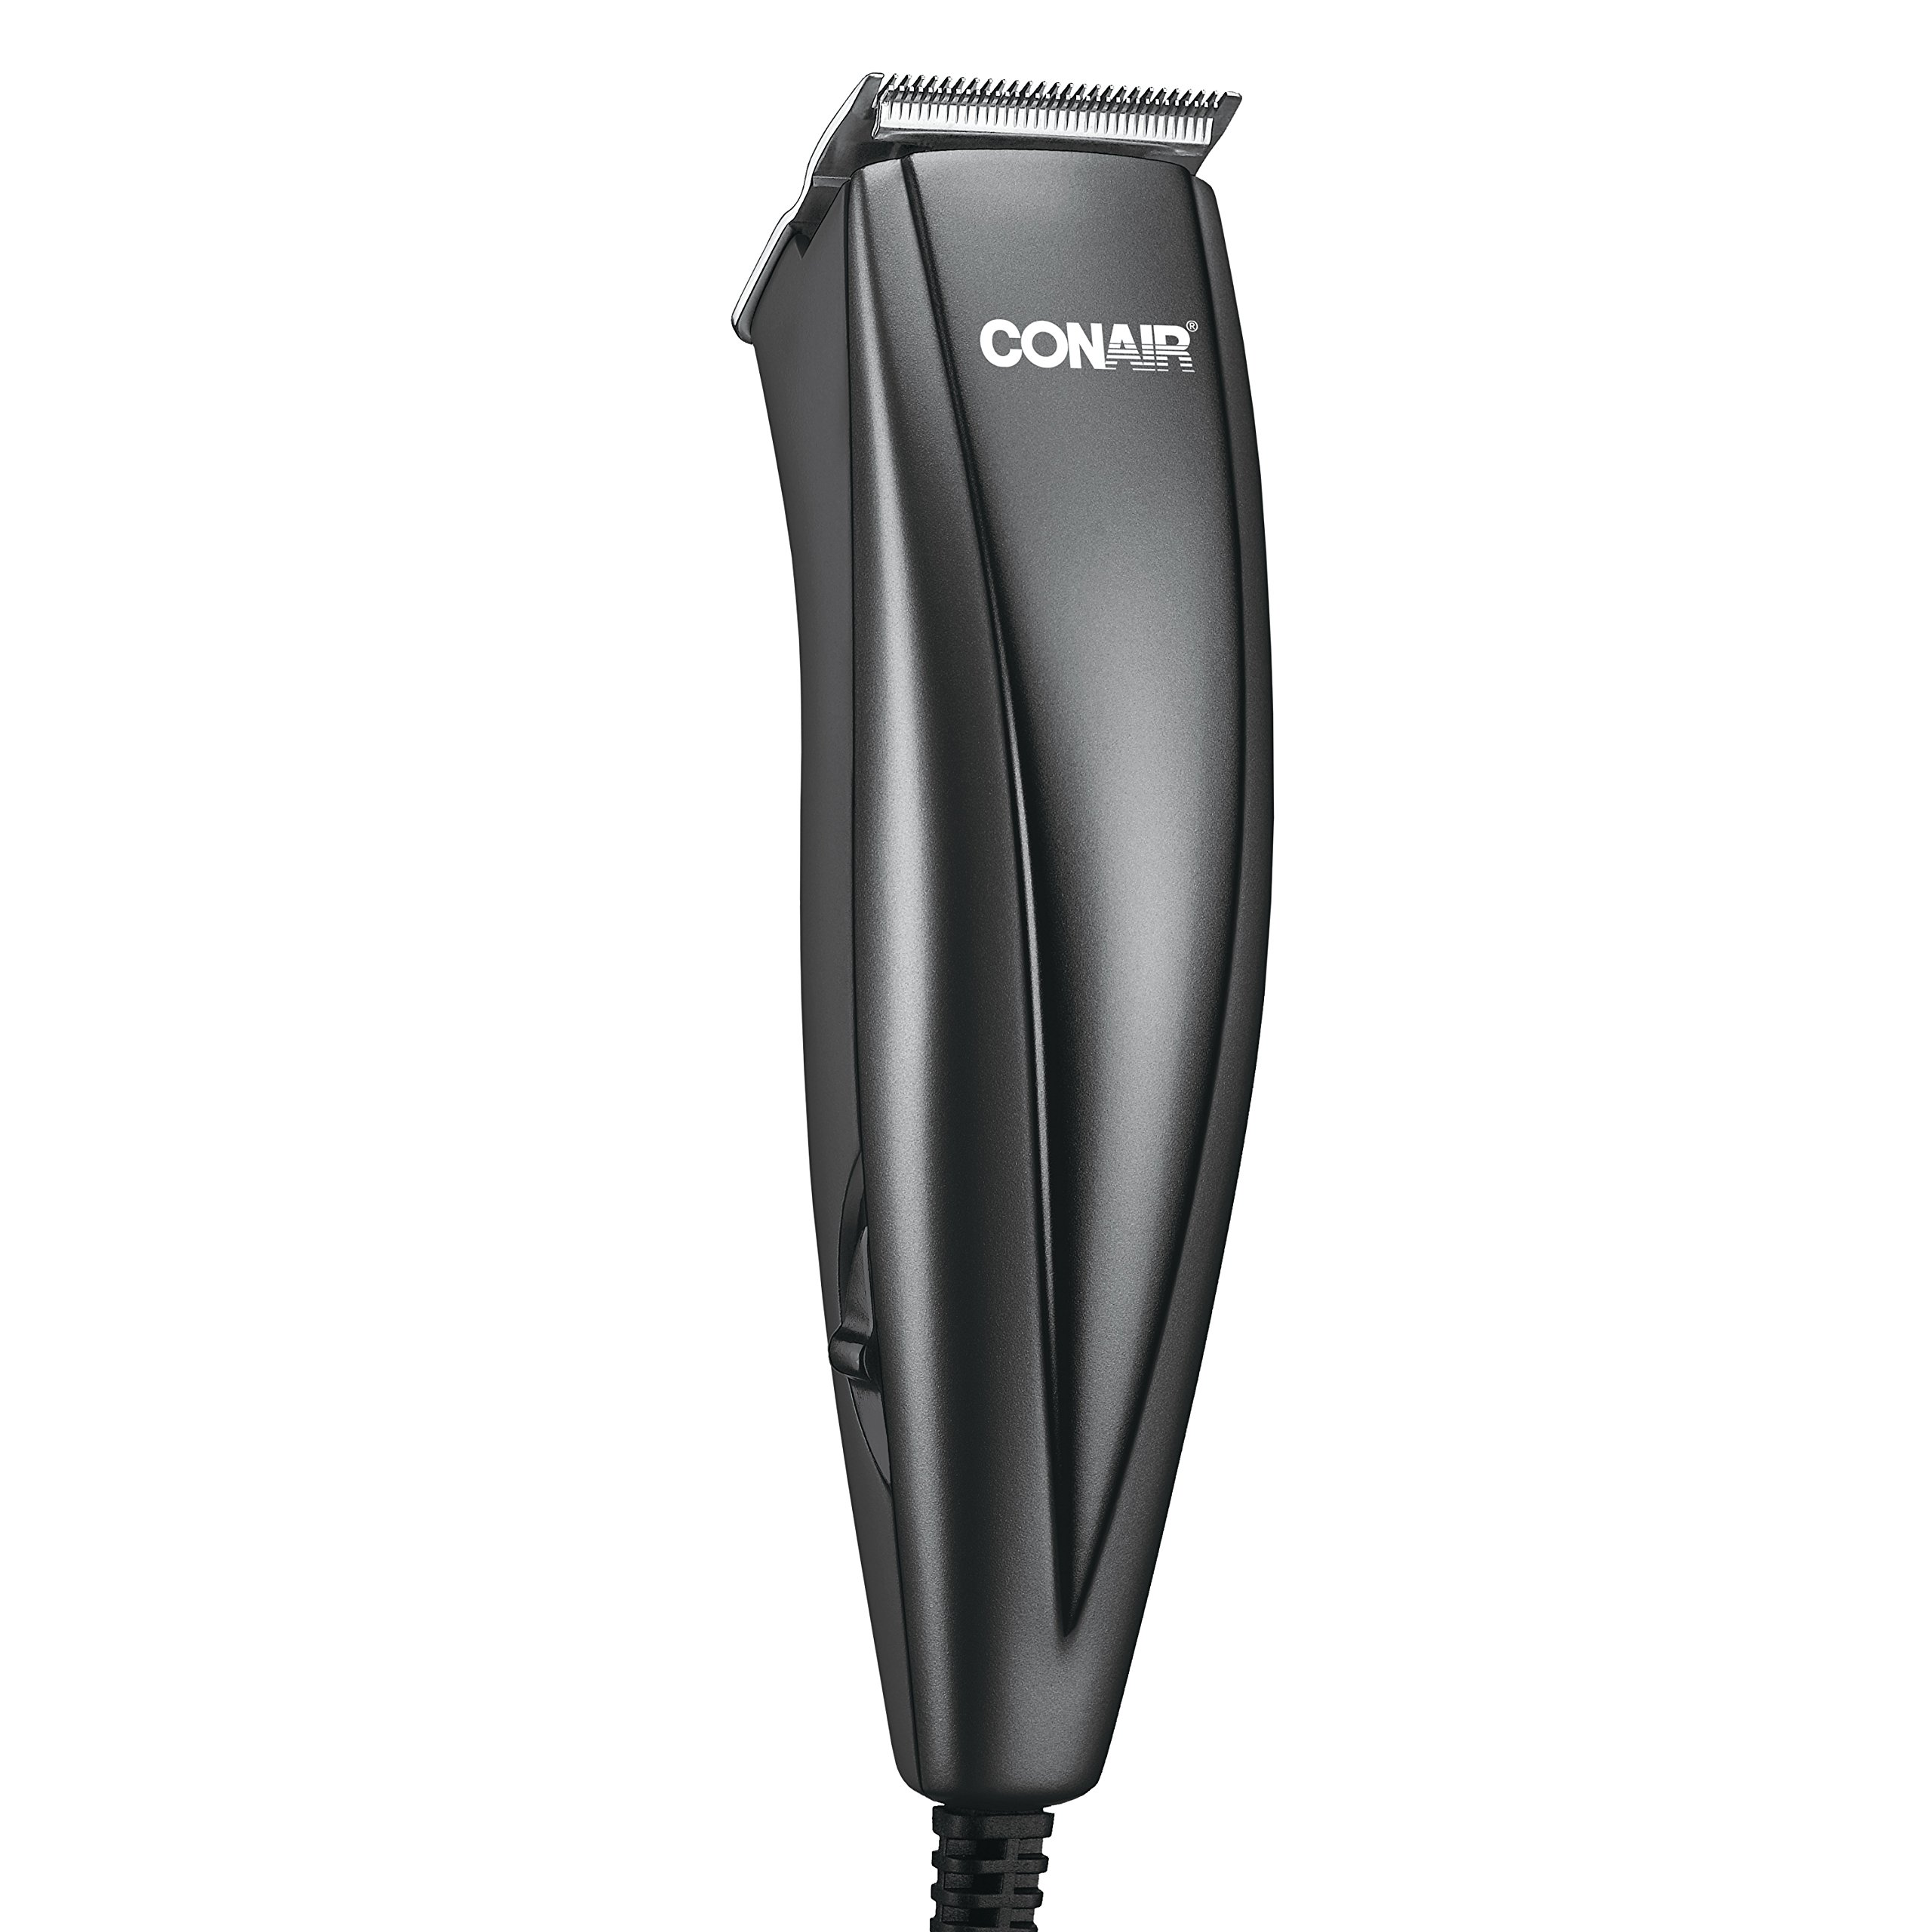 Conair Simple Cut 12-piece Haircut Kit; Home Hair Cutting Kit by Conair